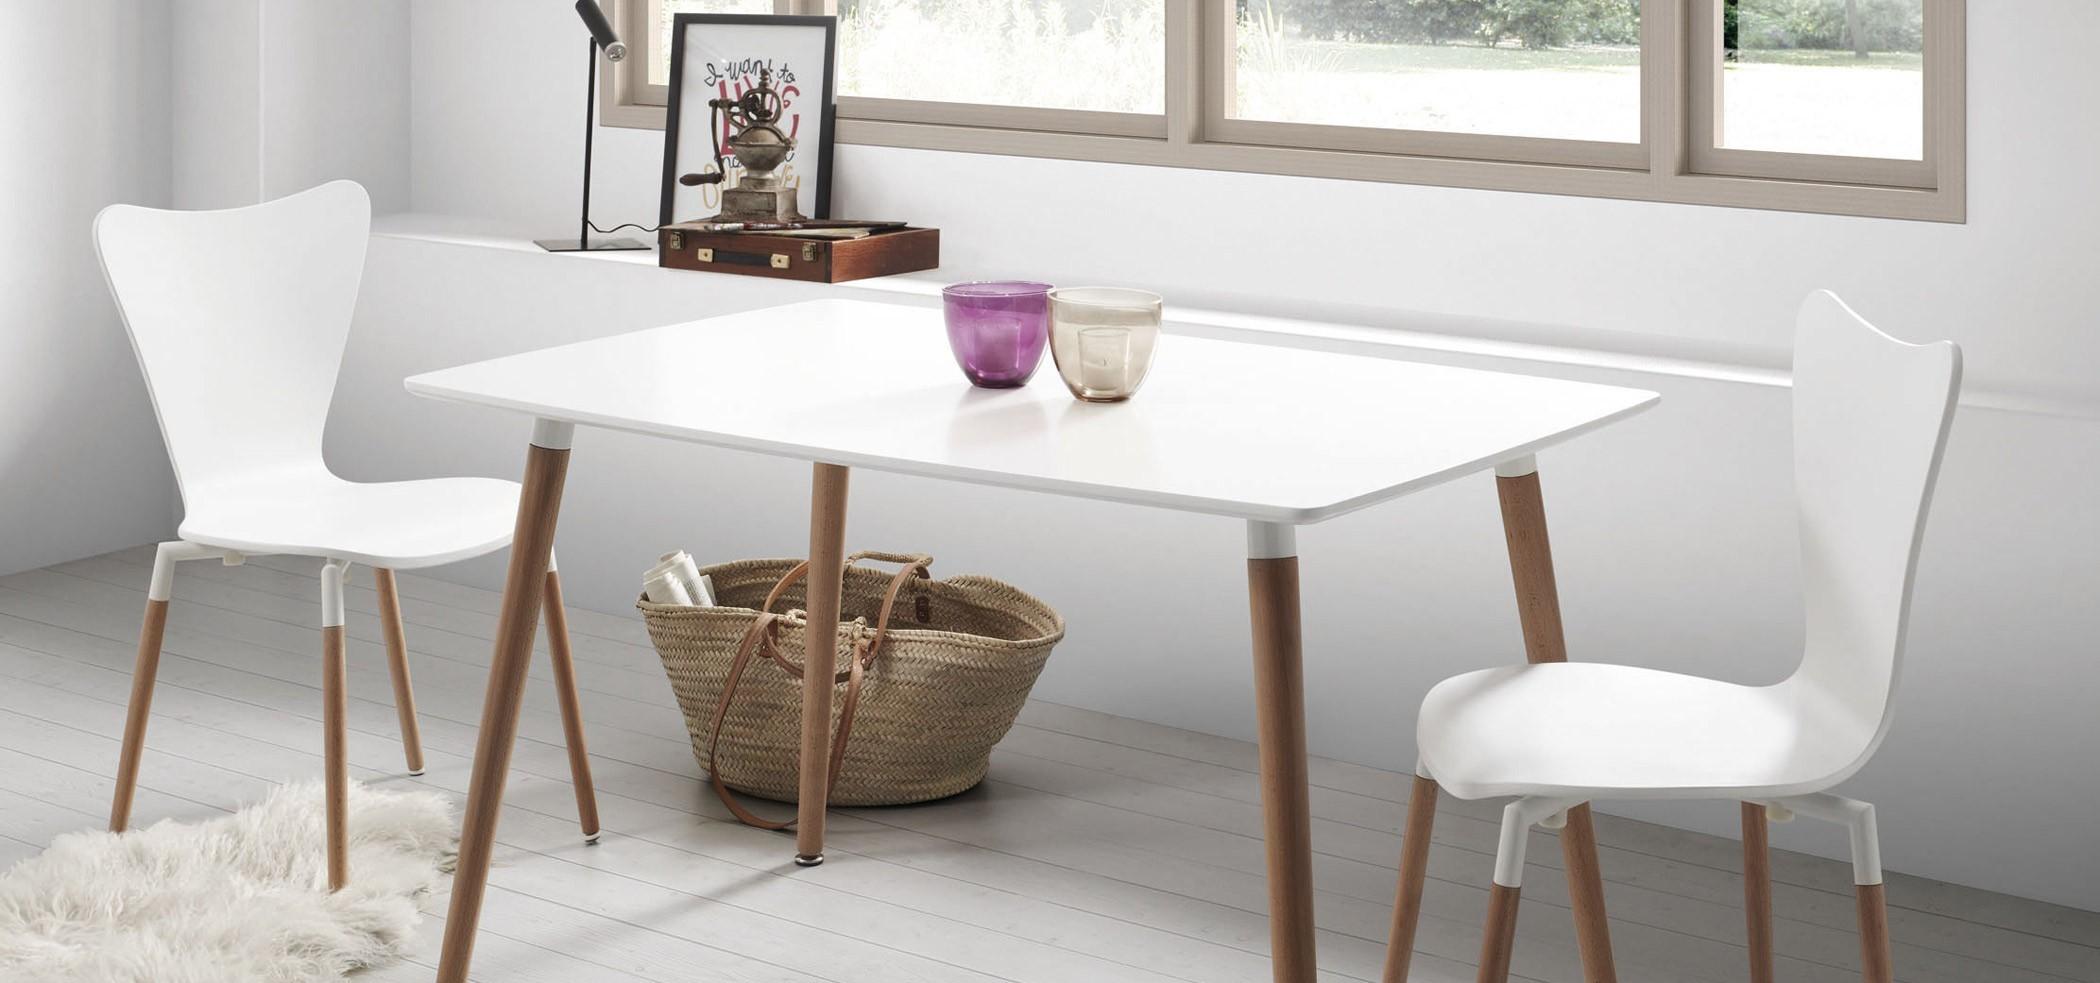 Tavolo Bianco In Legno doze r rettangolare tavolo fisso cm 120 e 140 laccato bianco